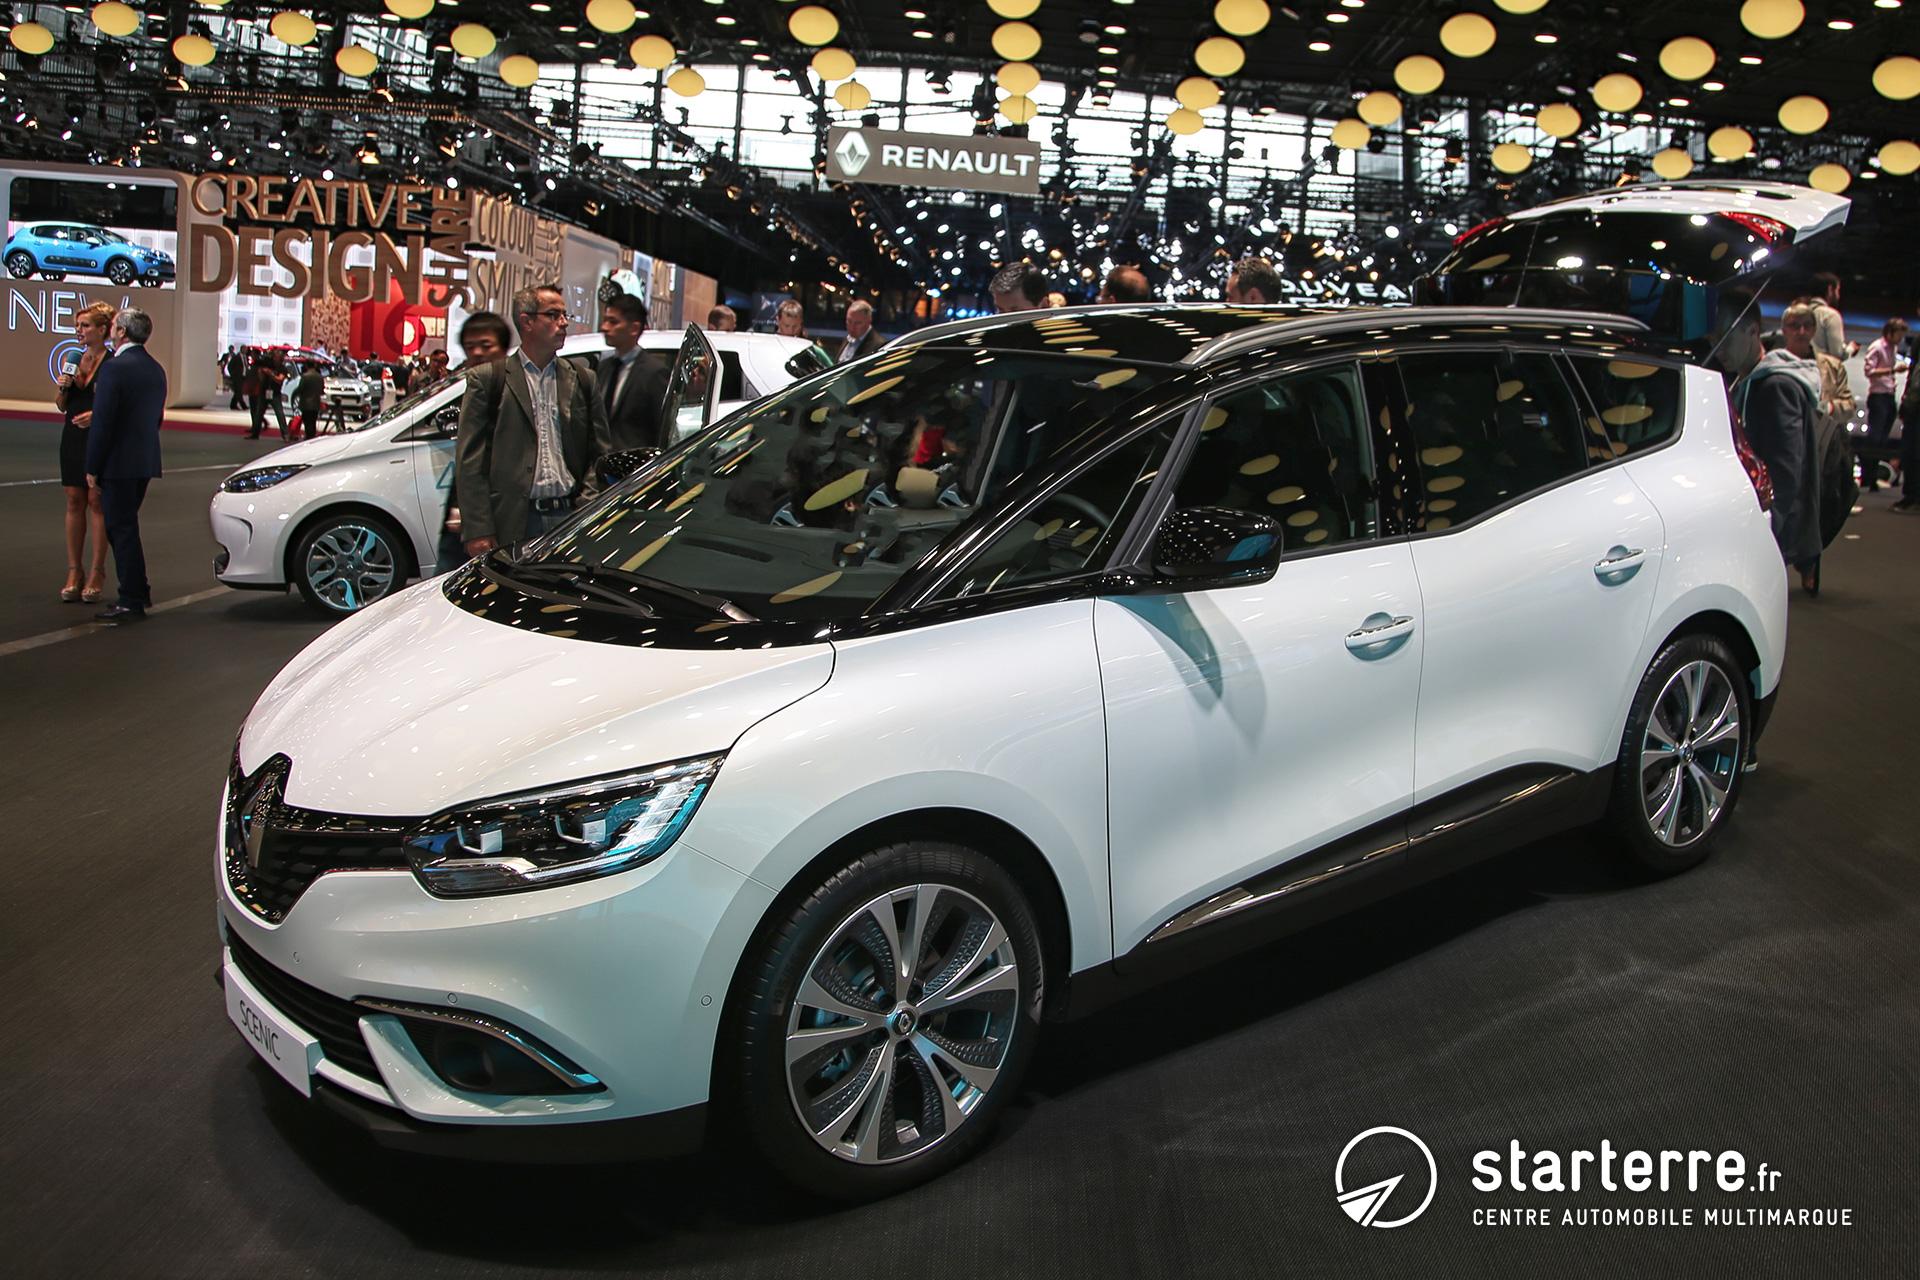 renault-nouveau-scenic-mondial-auto-paris-2016-starterre